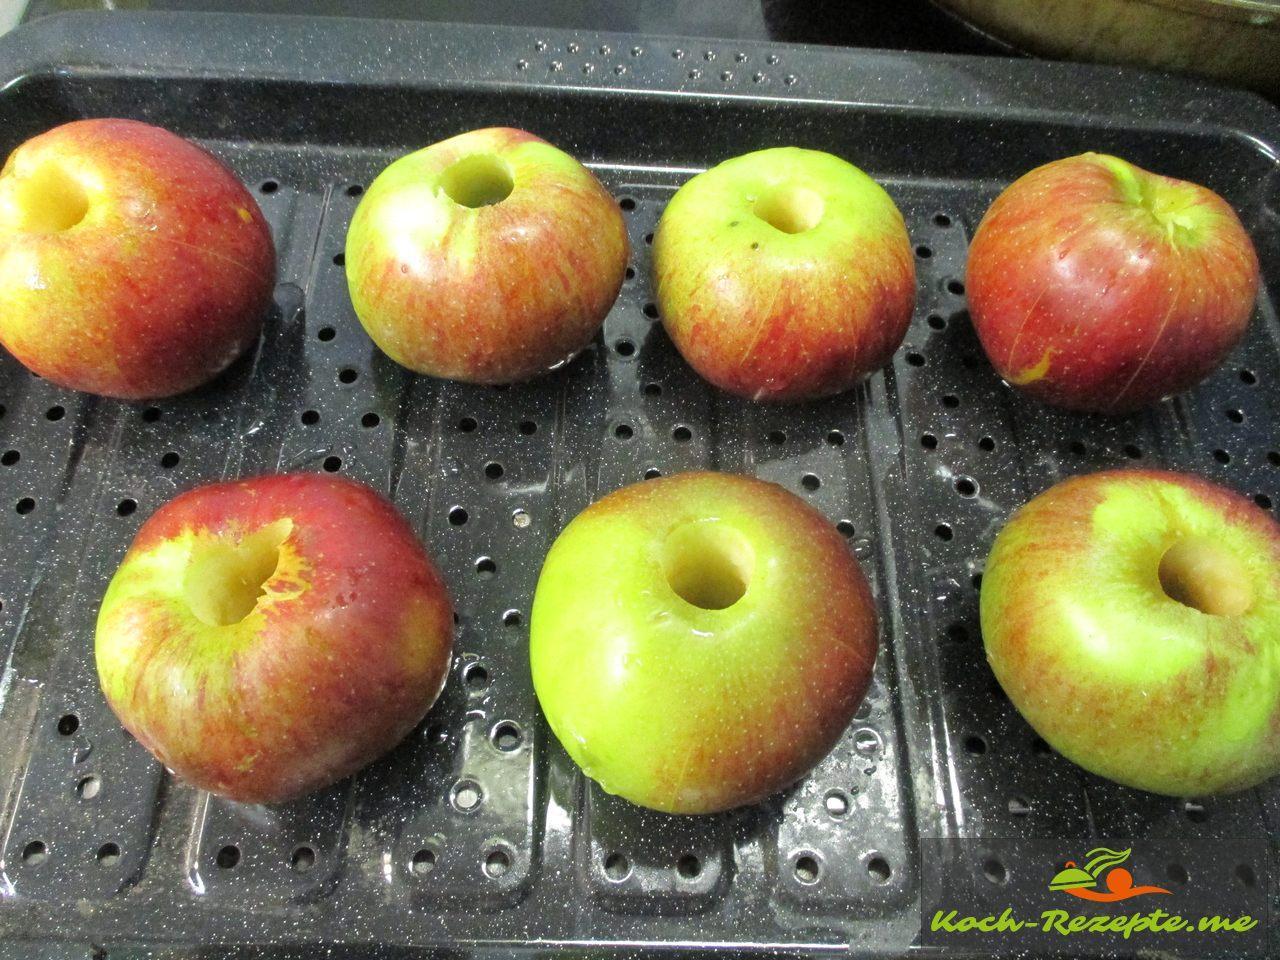 Äpfel in den Backofen 15 Minuten vorbacken